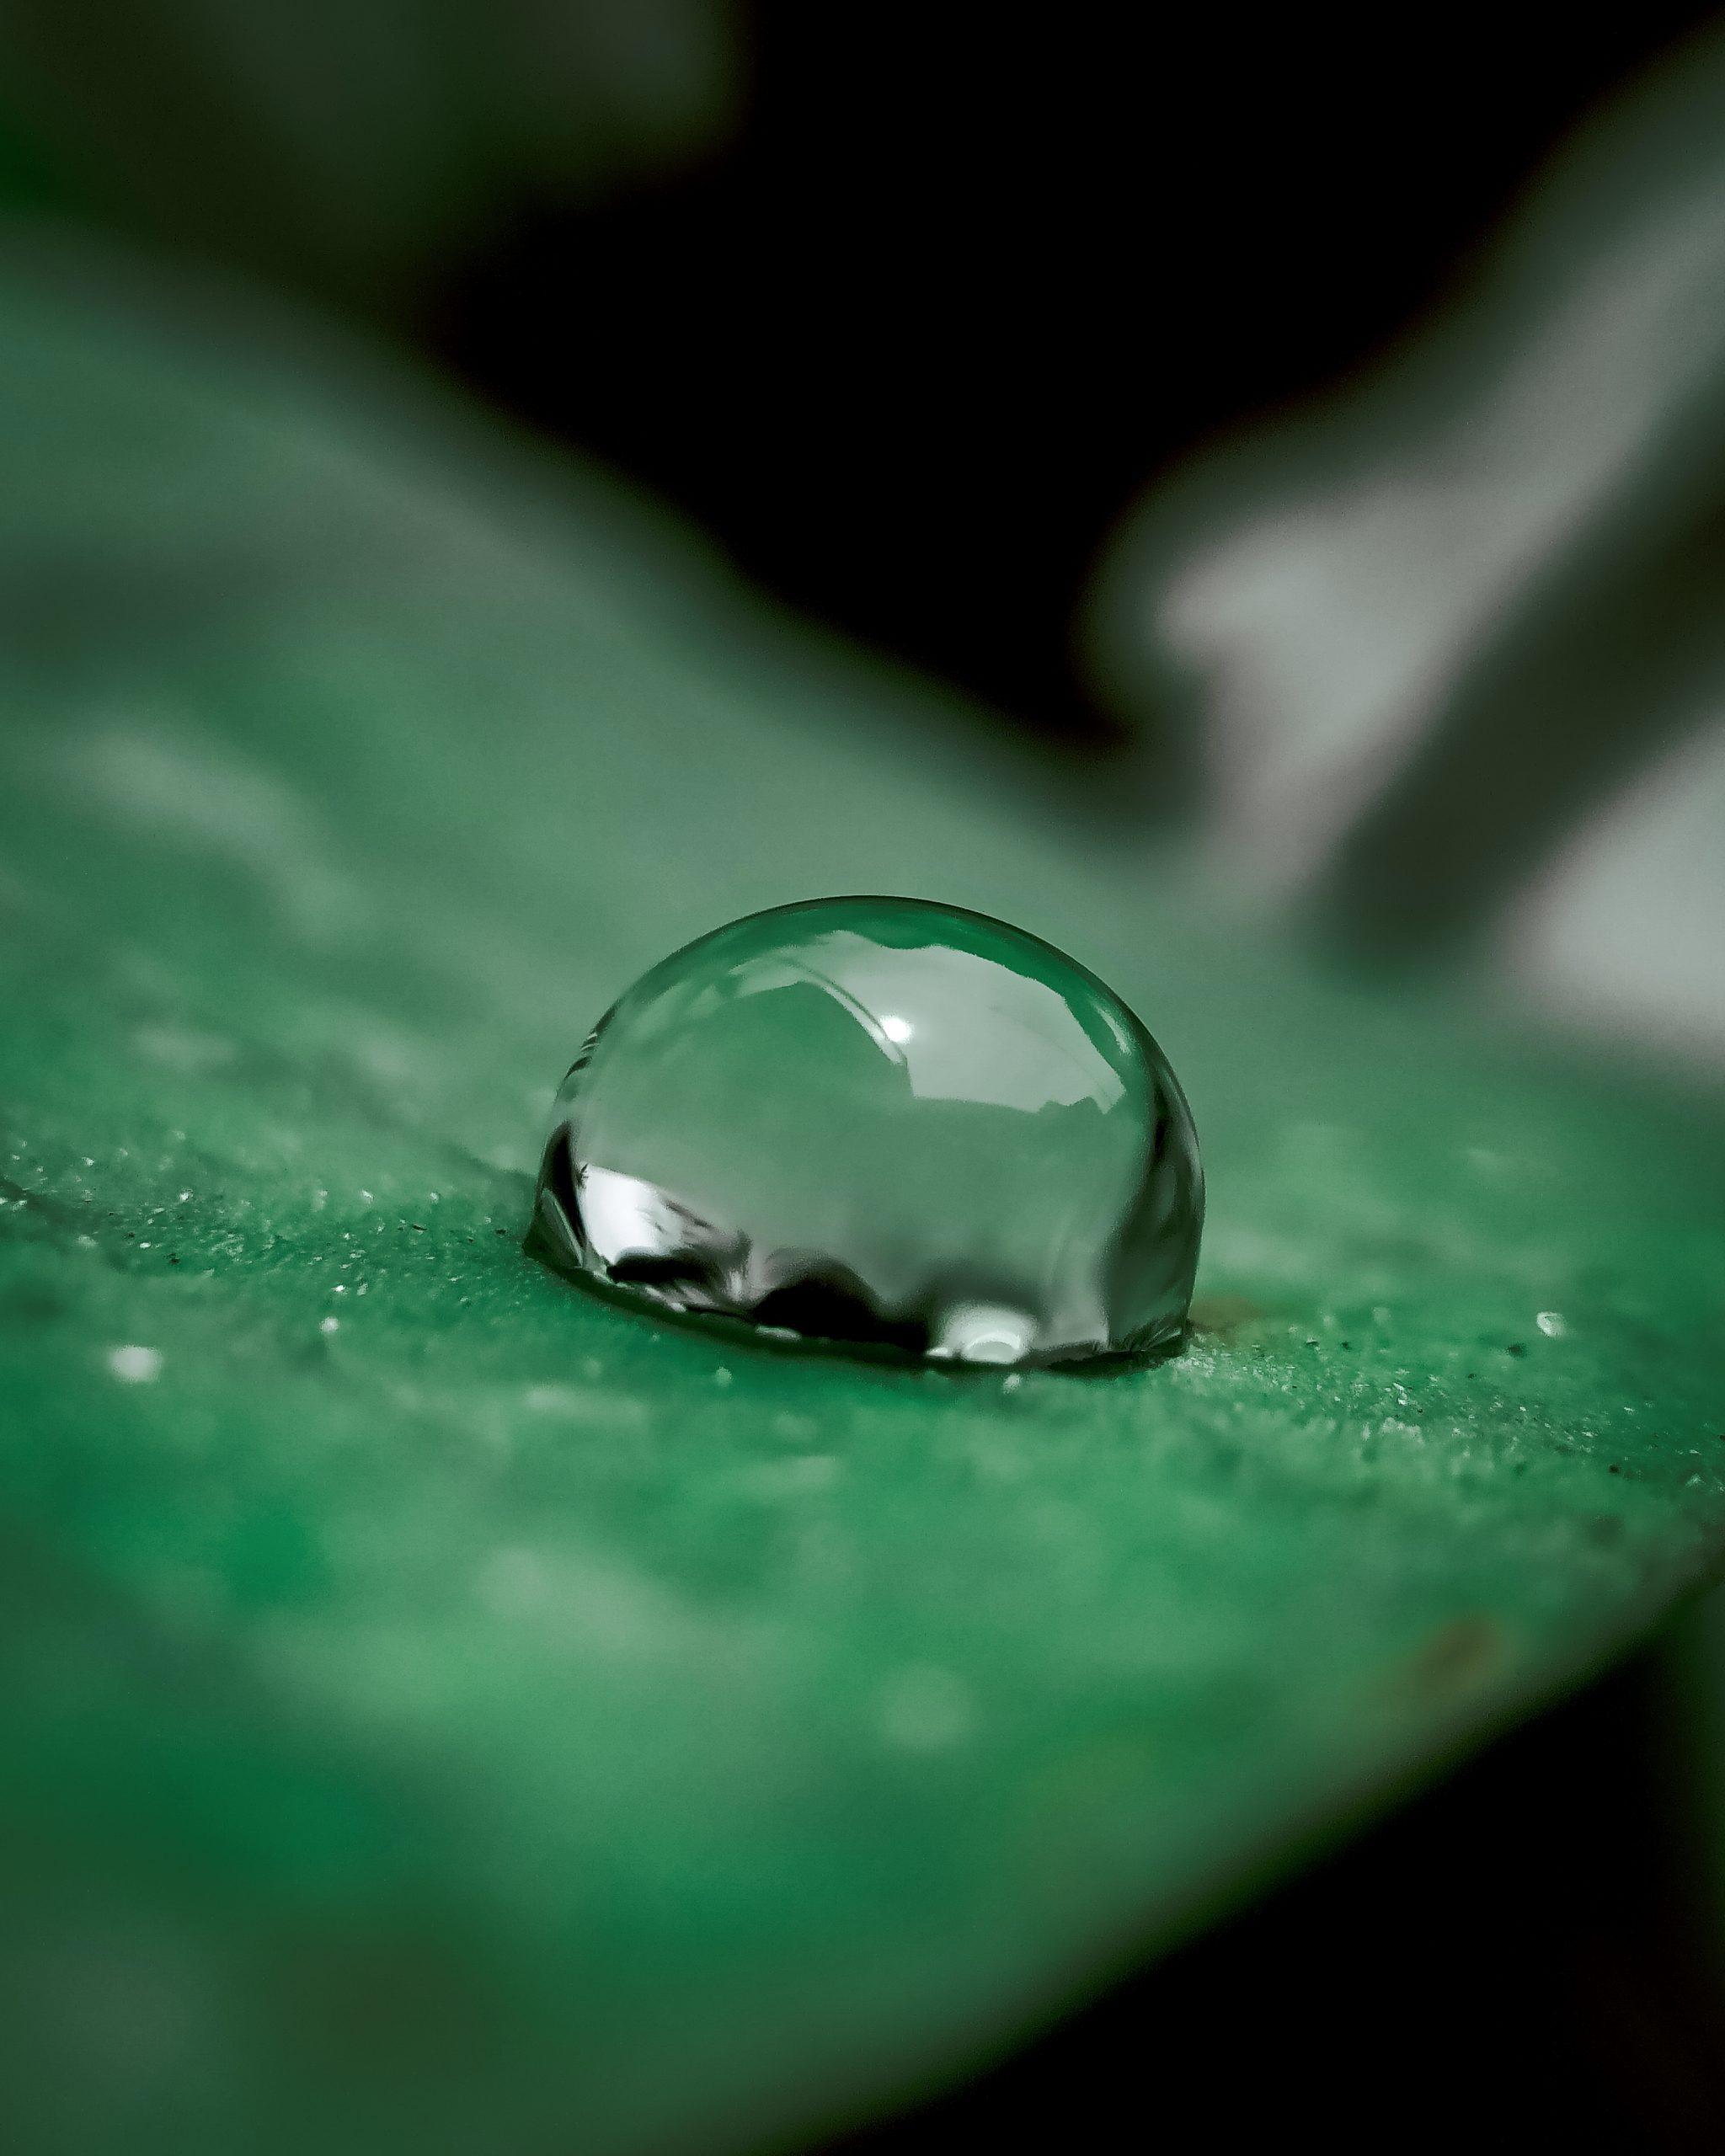 Water droplet in Leaf on Focus